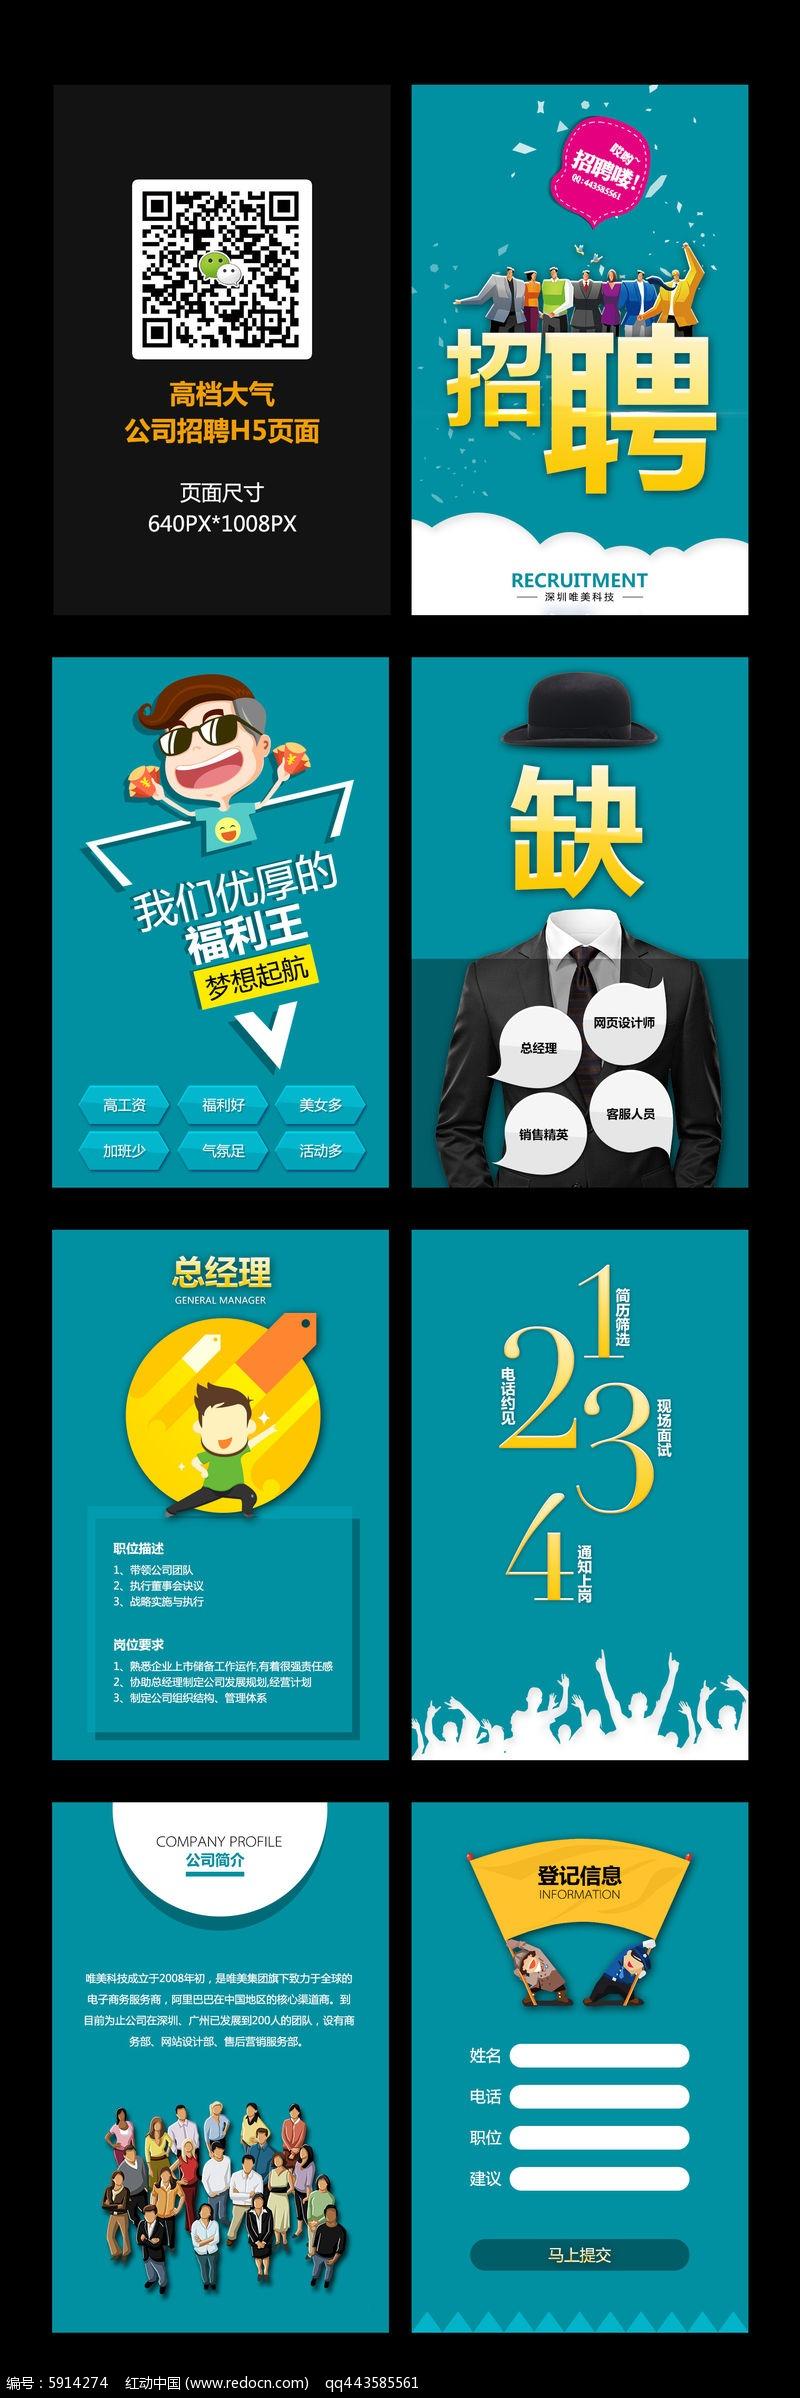 高档大气创意h5微信招聘页面设计图片